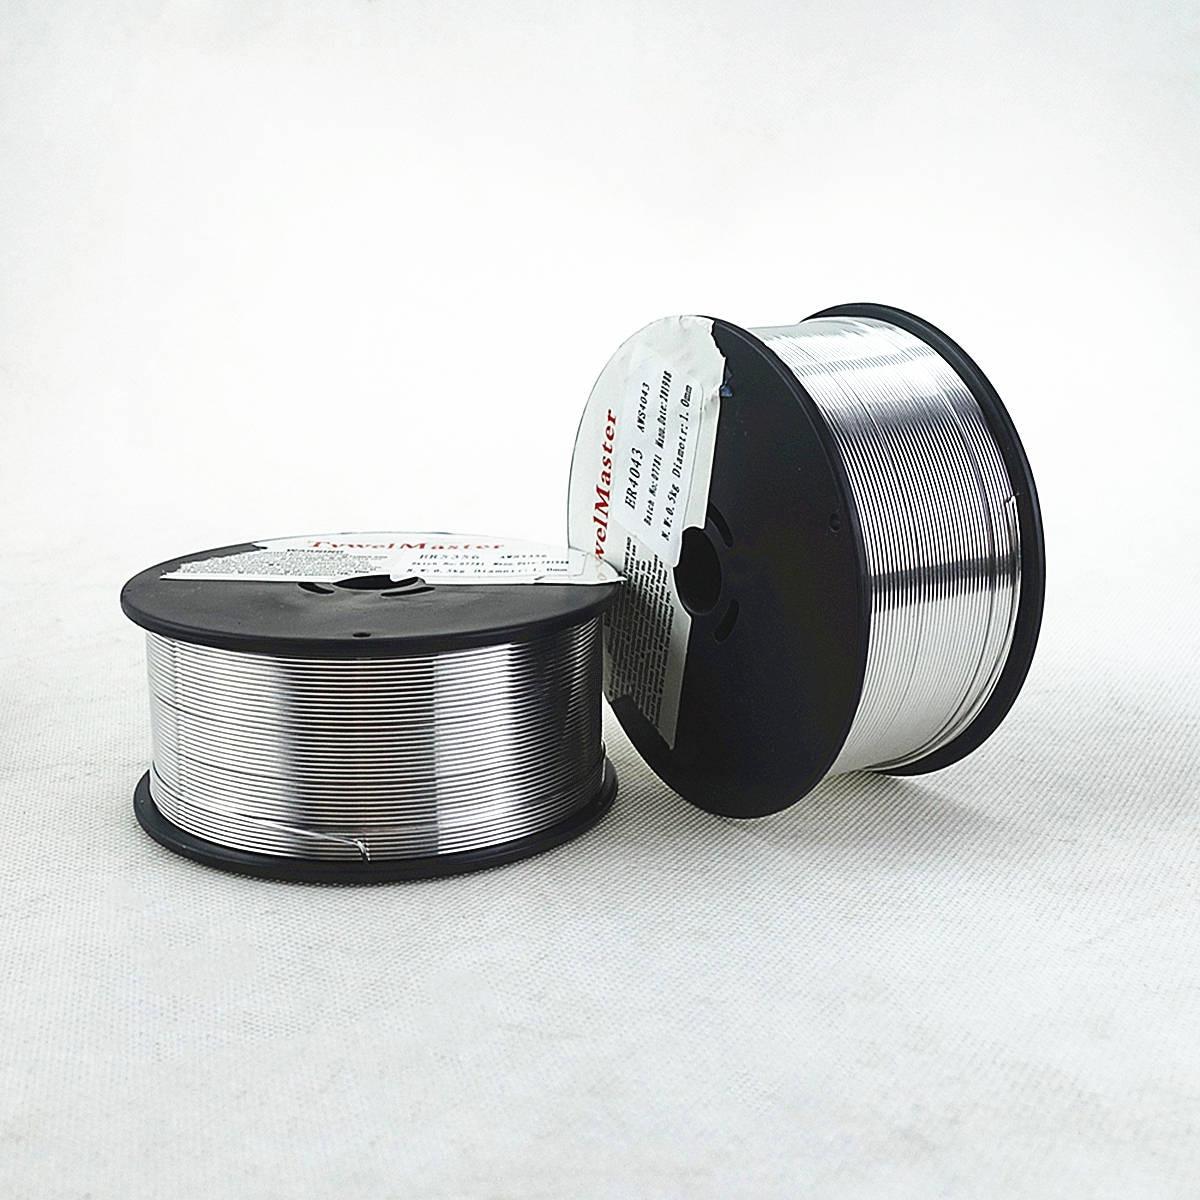 Fil à souder en aluminium, ER4043 ER5356, 0.5/0.8/1.0mm, Mini bobine à bouclier gaz, alliage d'aluminium, fil à souder MIG